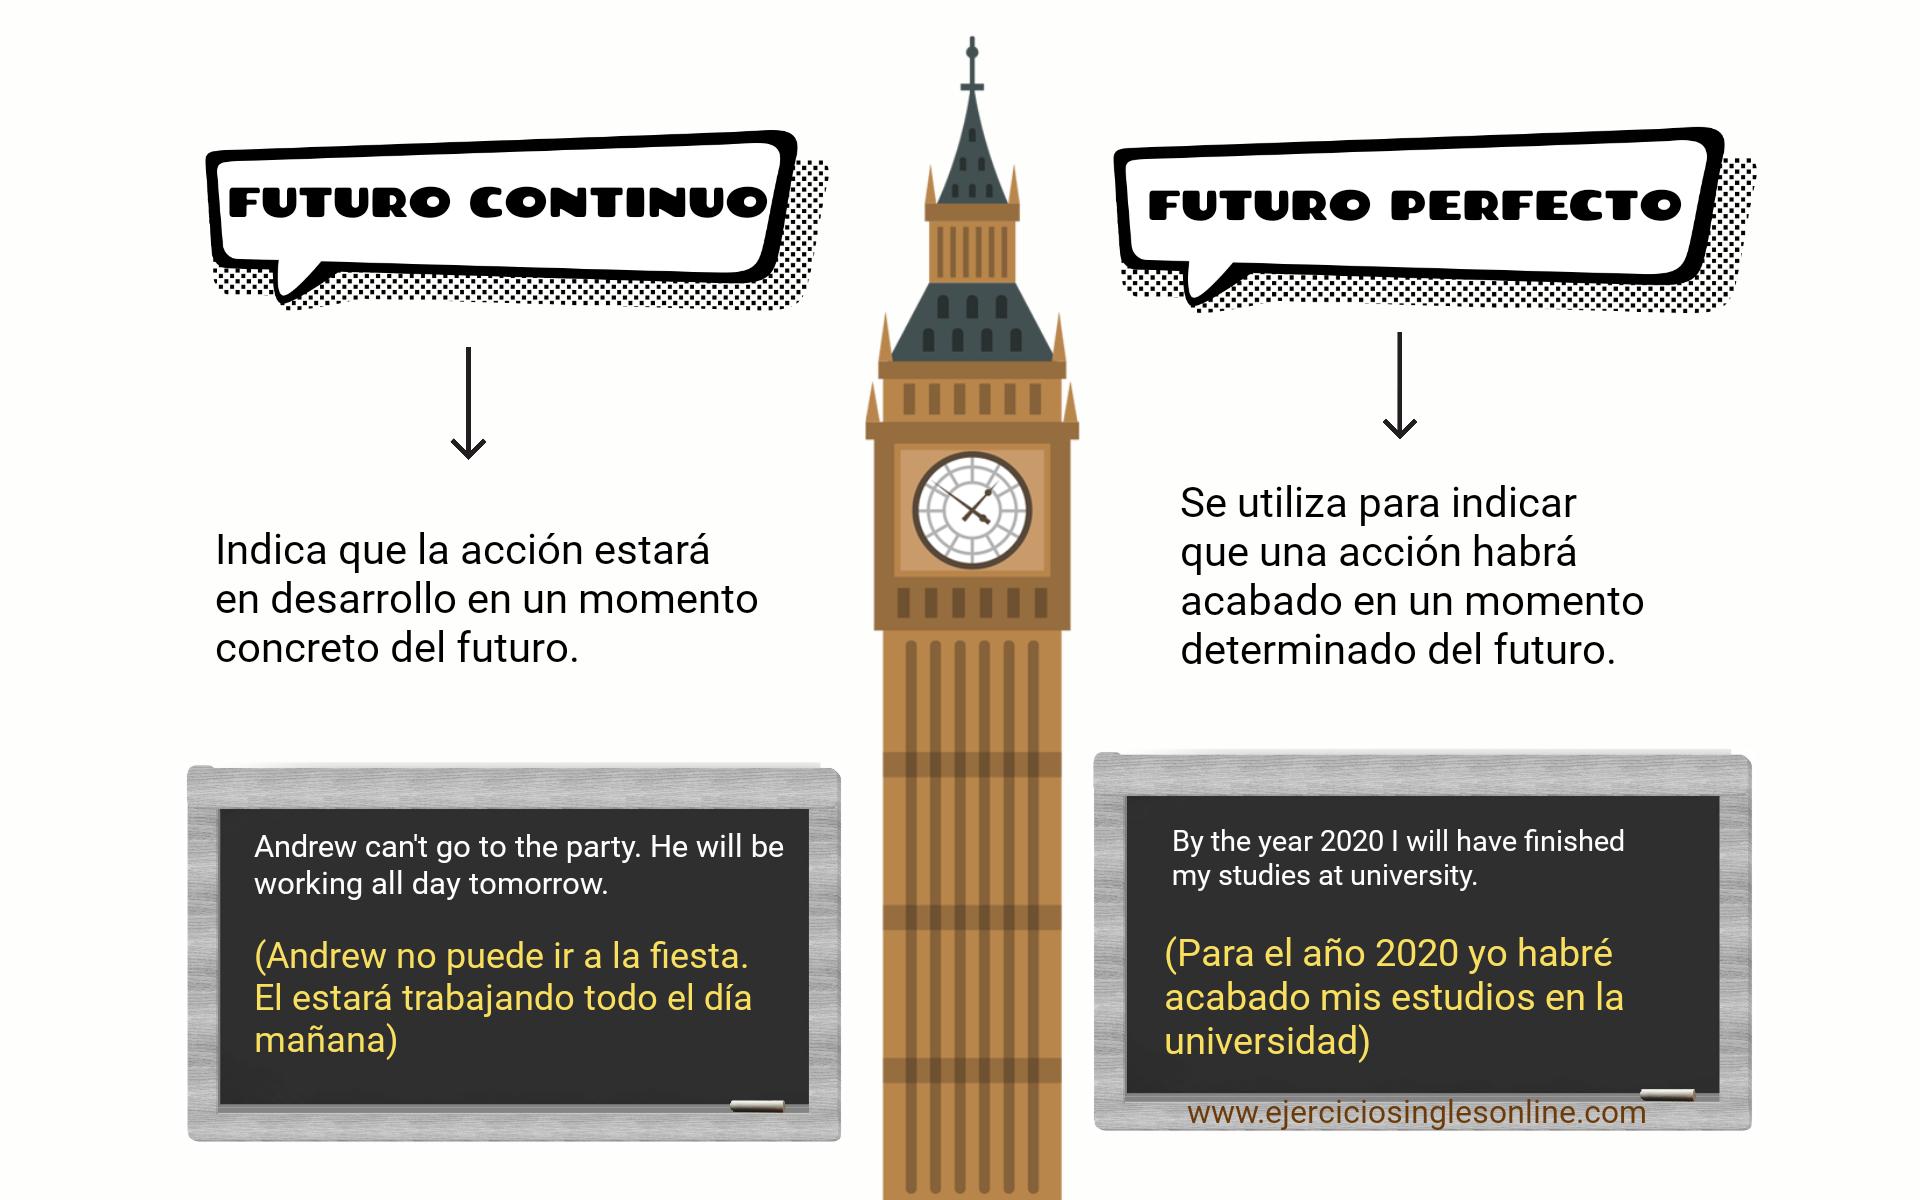 Futuro continuo vs futuro perfecto - Ejercicio 4 - Interactivo